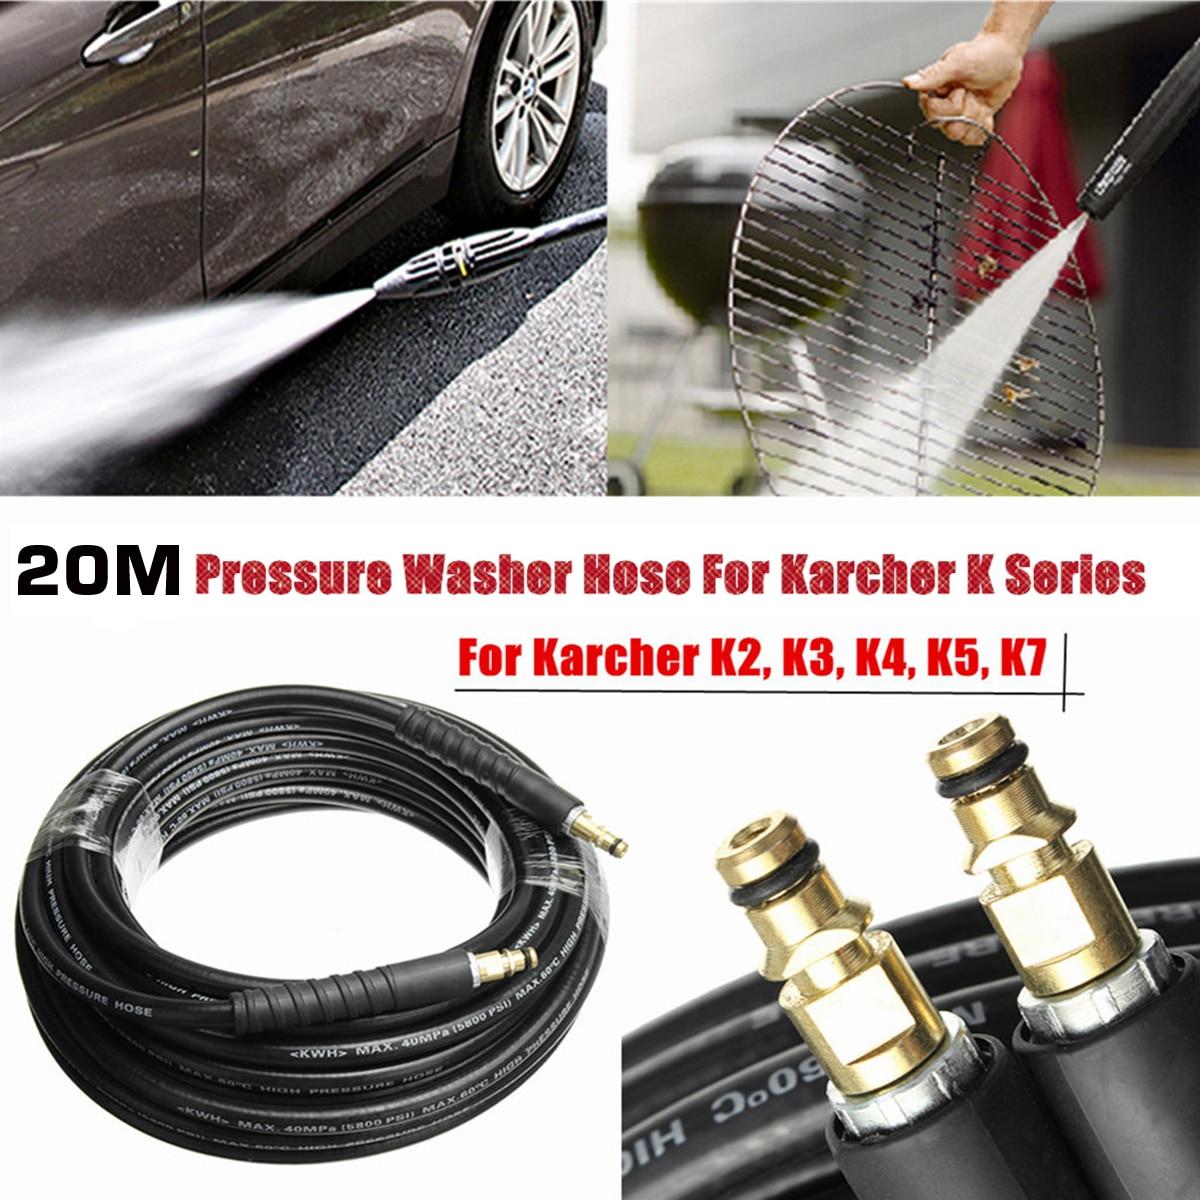 Nuovo 20 M/65ft 1/4 Pressione di Lavaggio Auto Tubo Flessibile Con Giallo Quick Connect Adattatore Per Karcher K Serie